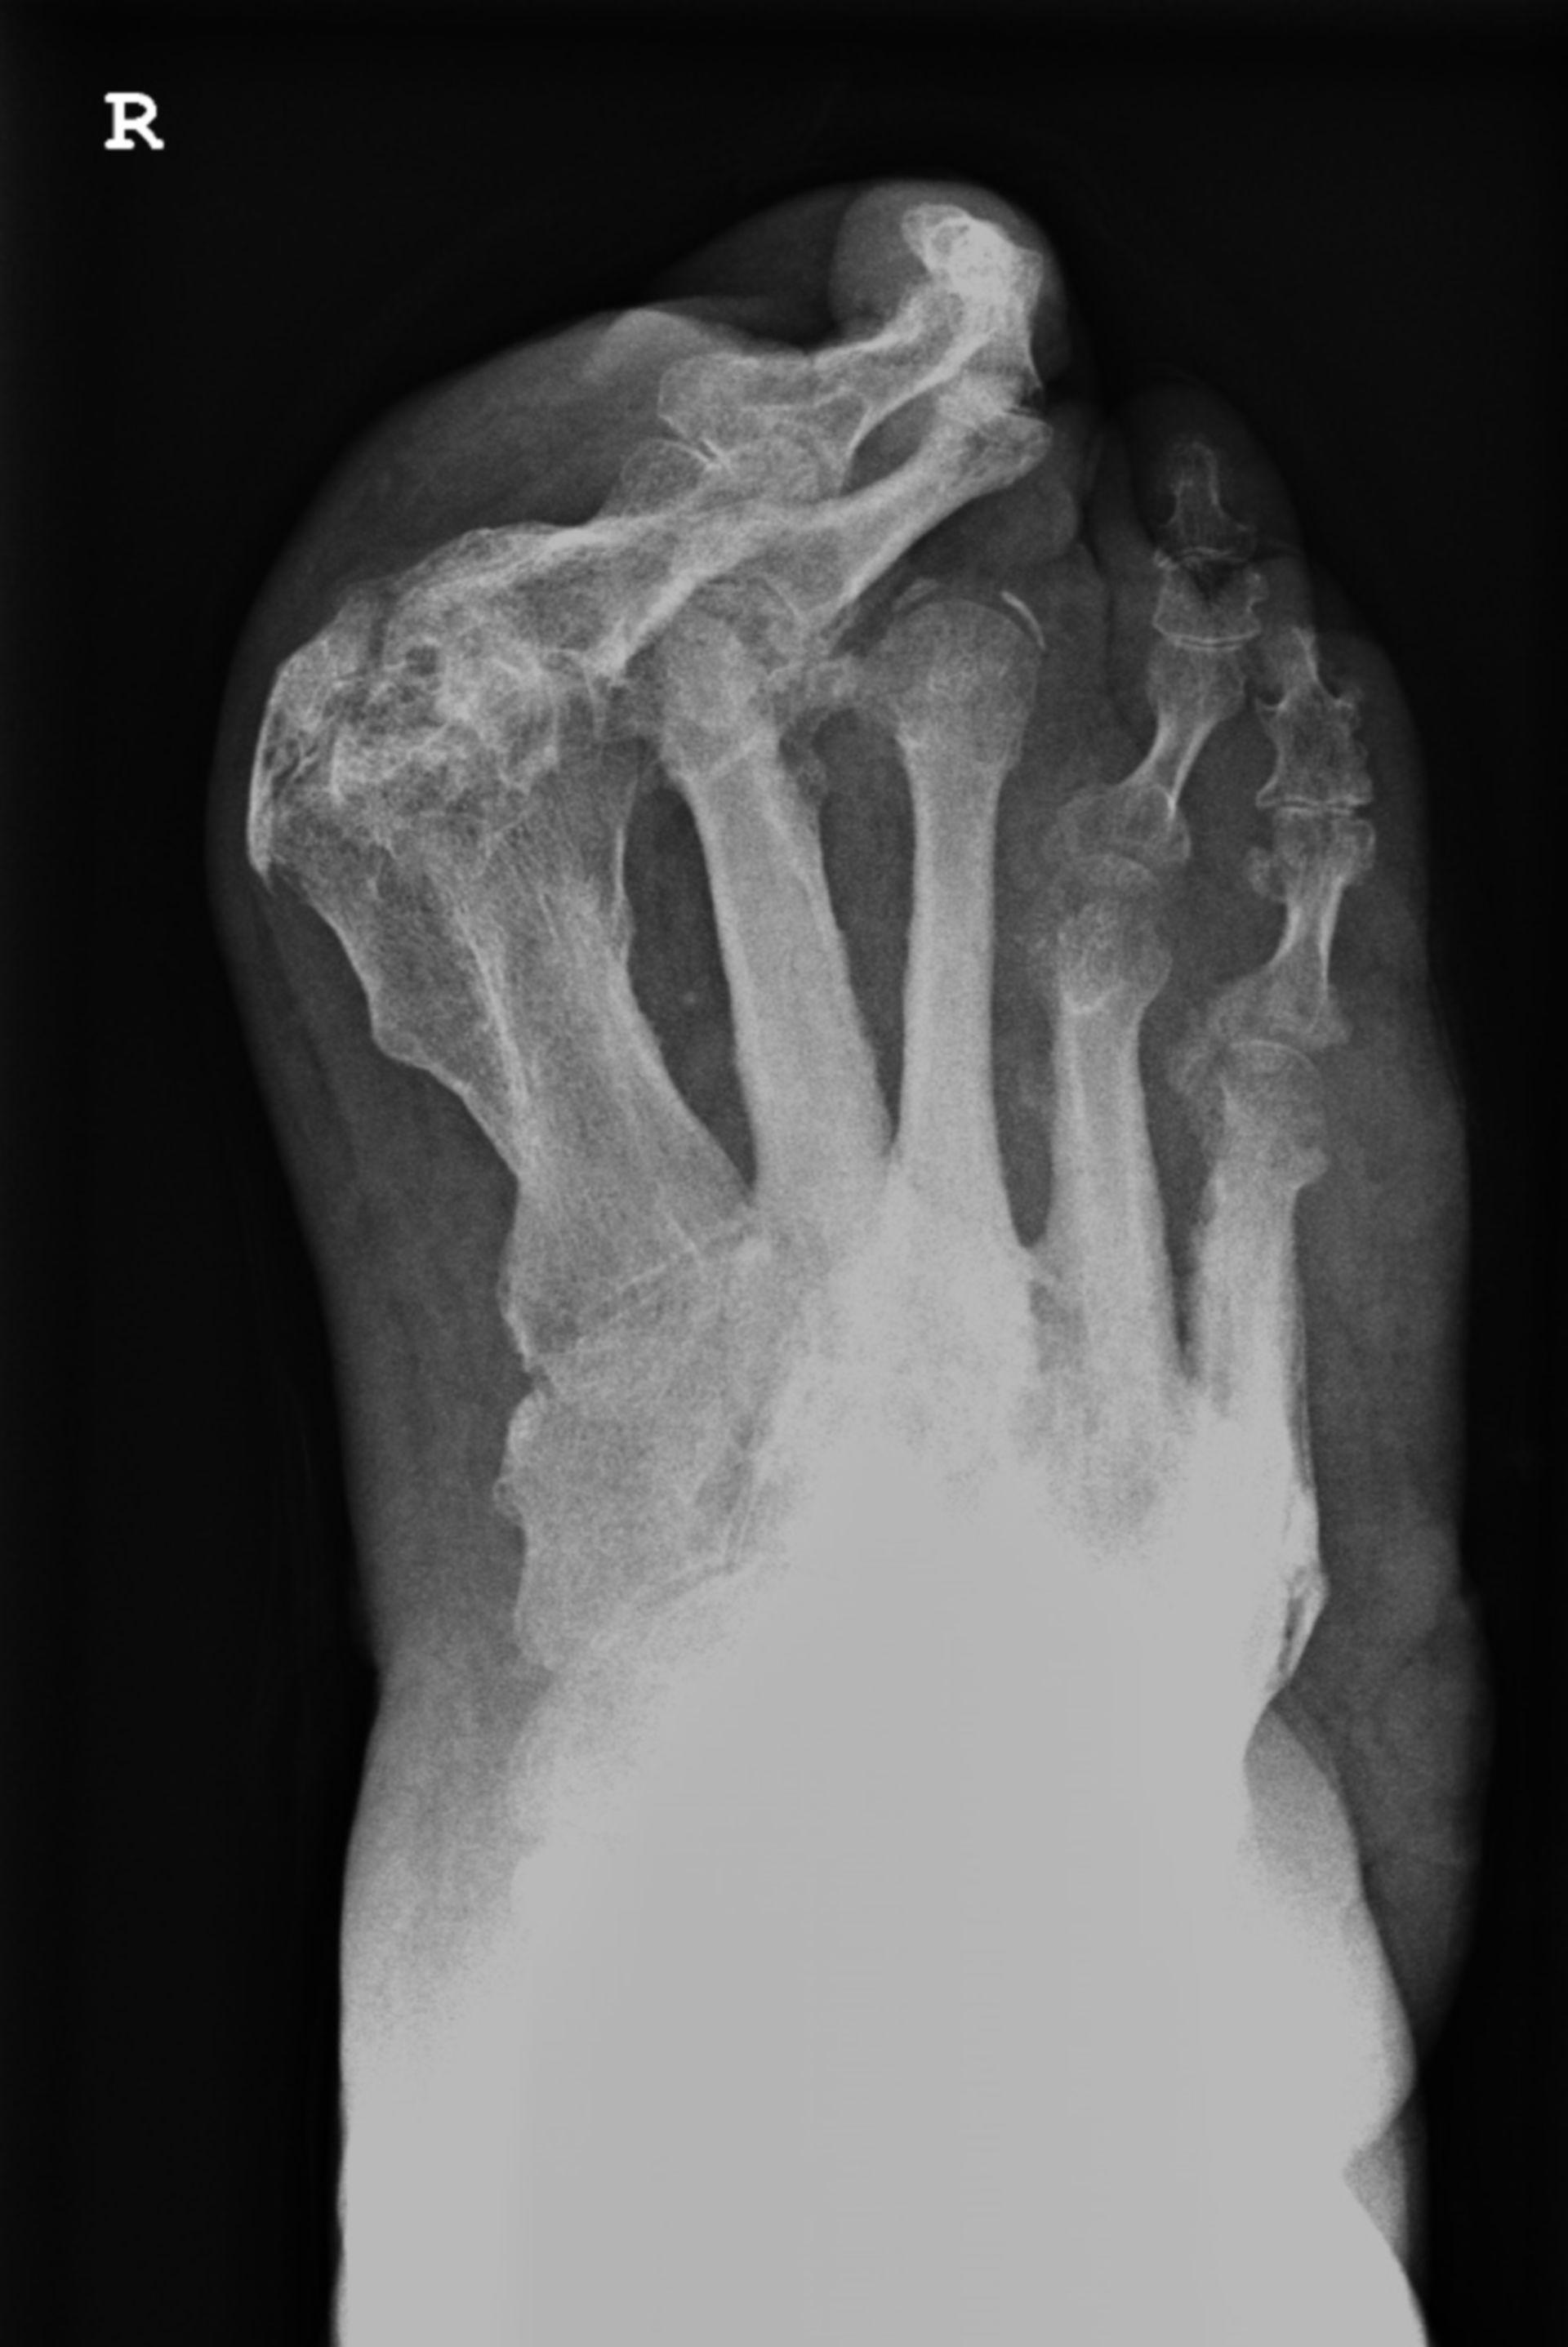 Röntgen eines rechten Fußes mit ausgeprägter Halluxfehlstellung